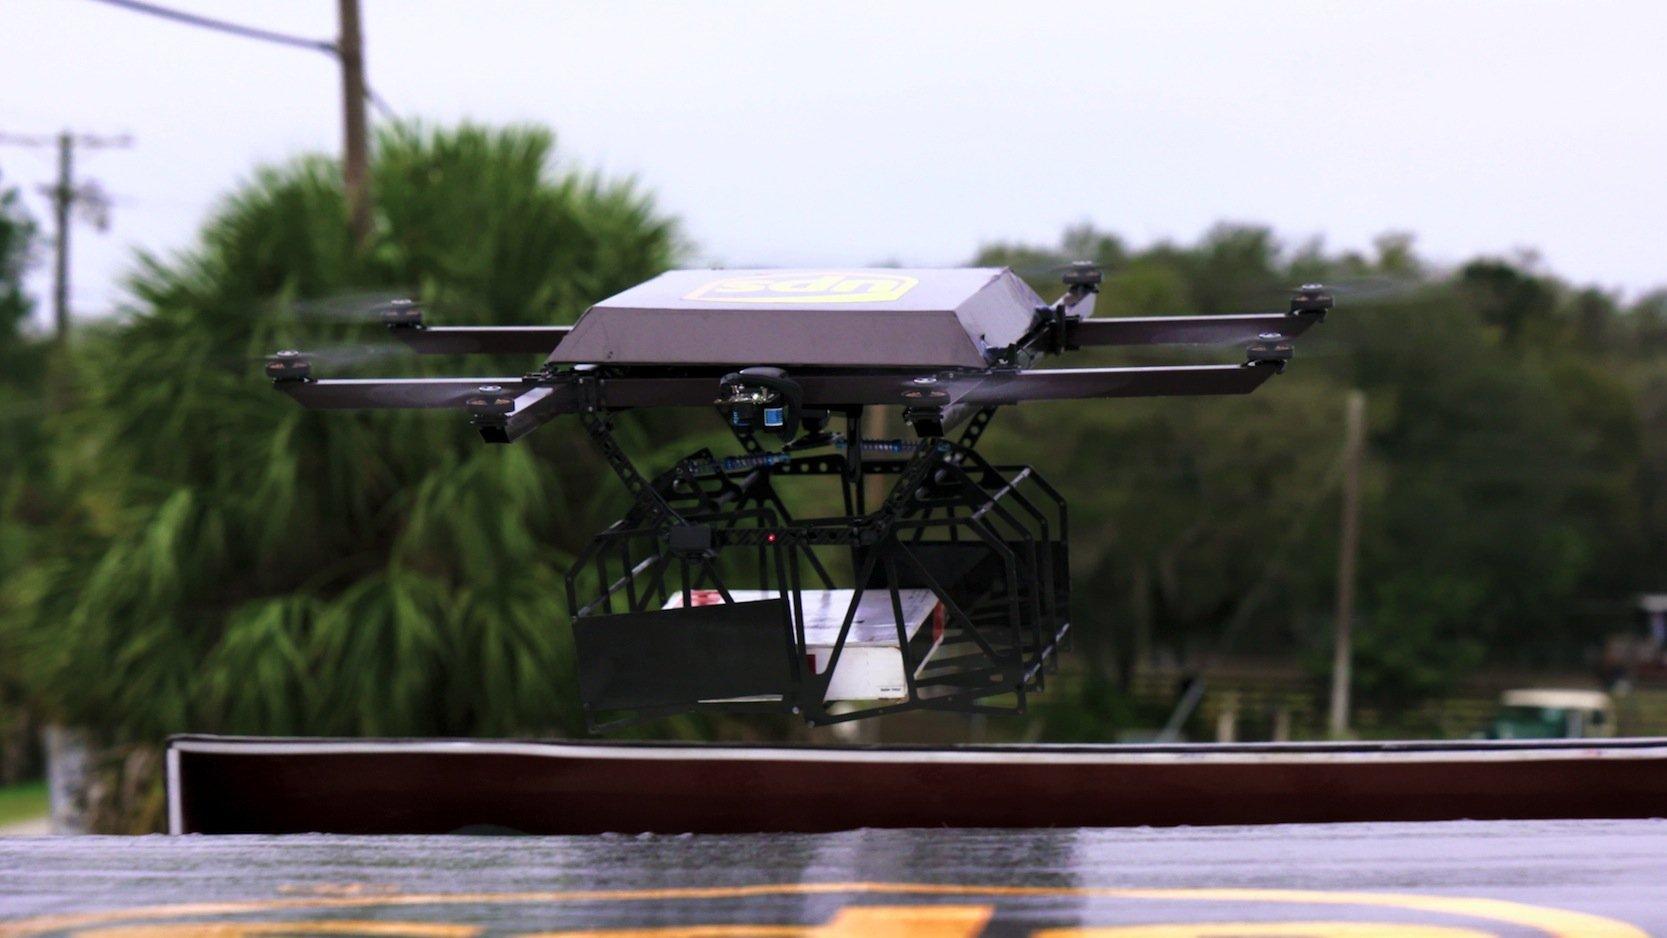 Die Drohne hat eine Reichweite von einer halben Stunde lädt sich auf dem Dach des Fahrzeuges wieder auf.